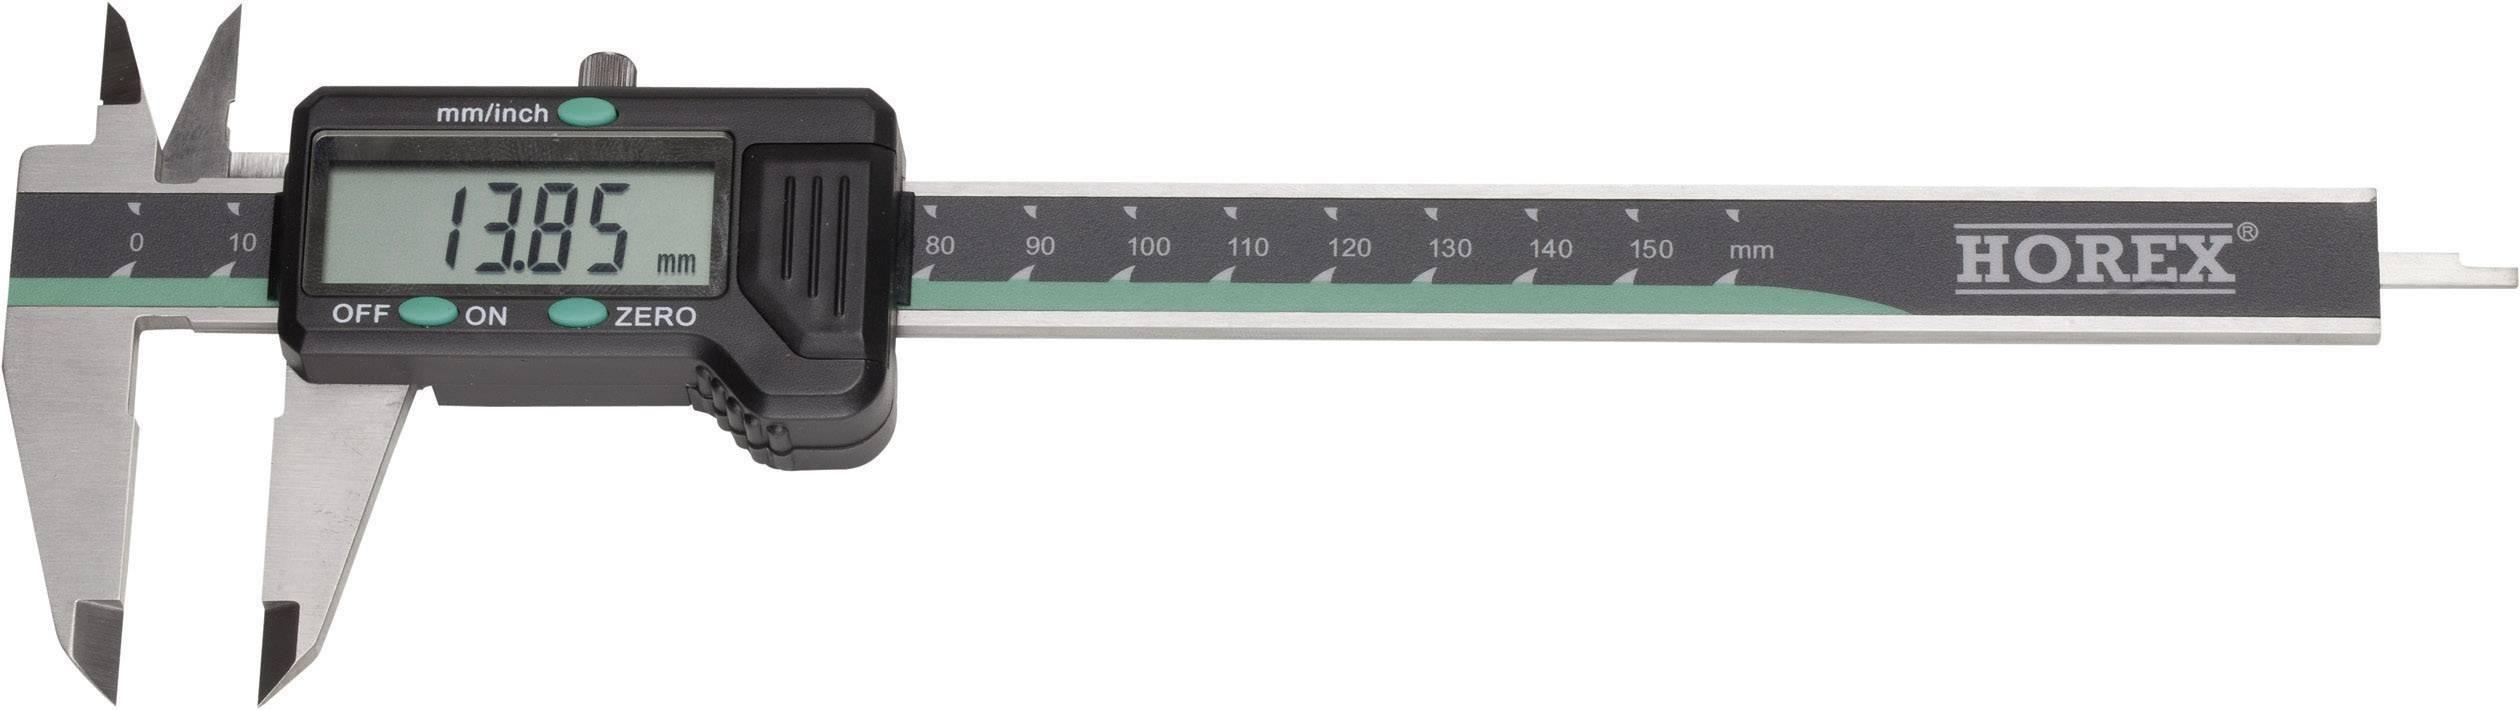 Digitální posuvné měřítko Horex 2211218, měřicí rozsah 200 mm, Kalibrováno dle vlastní